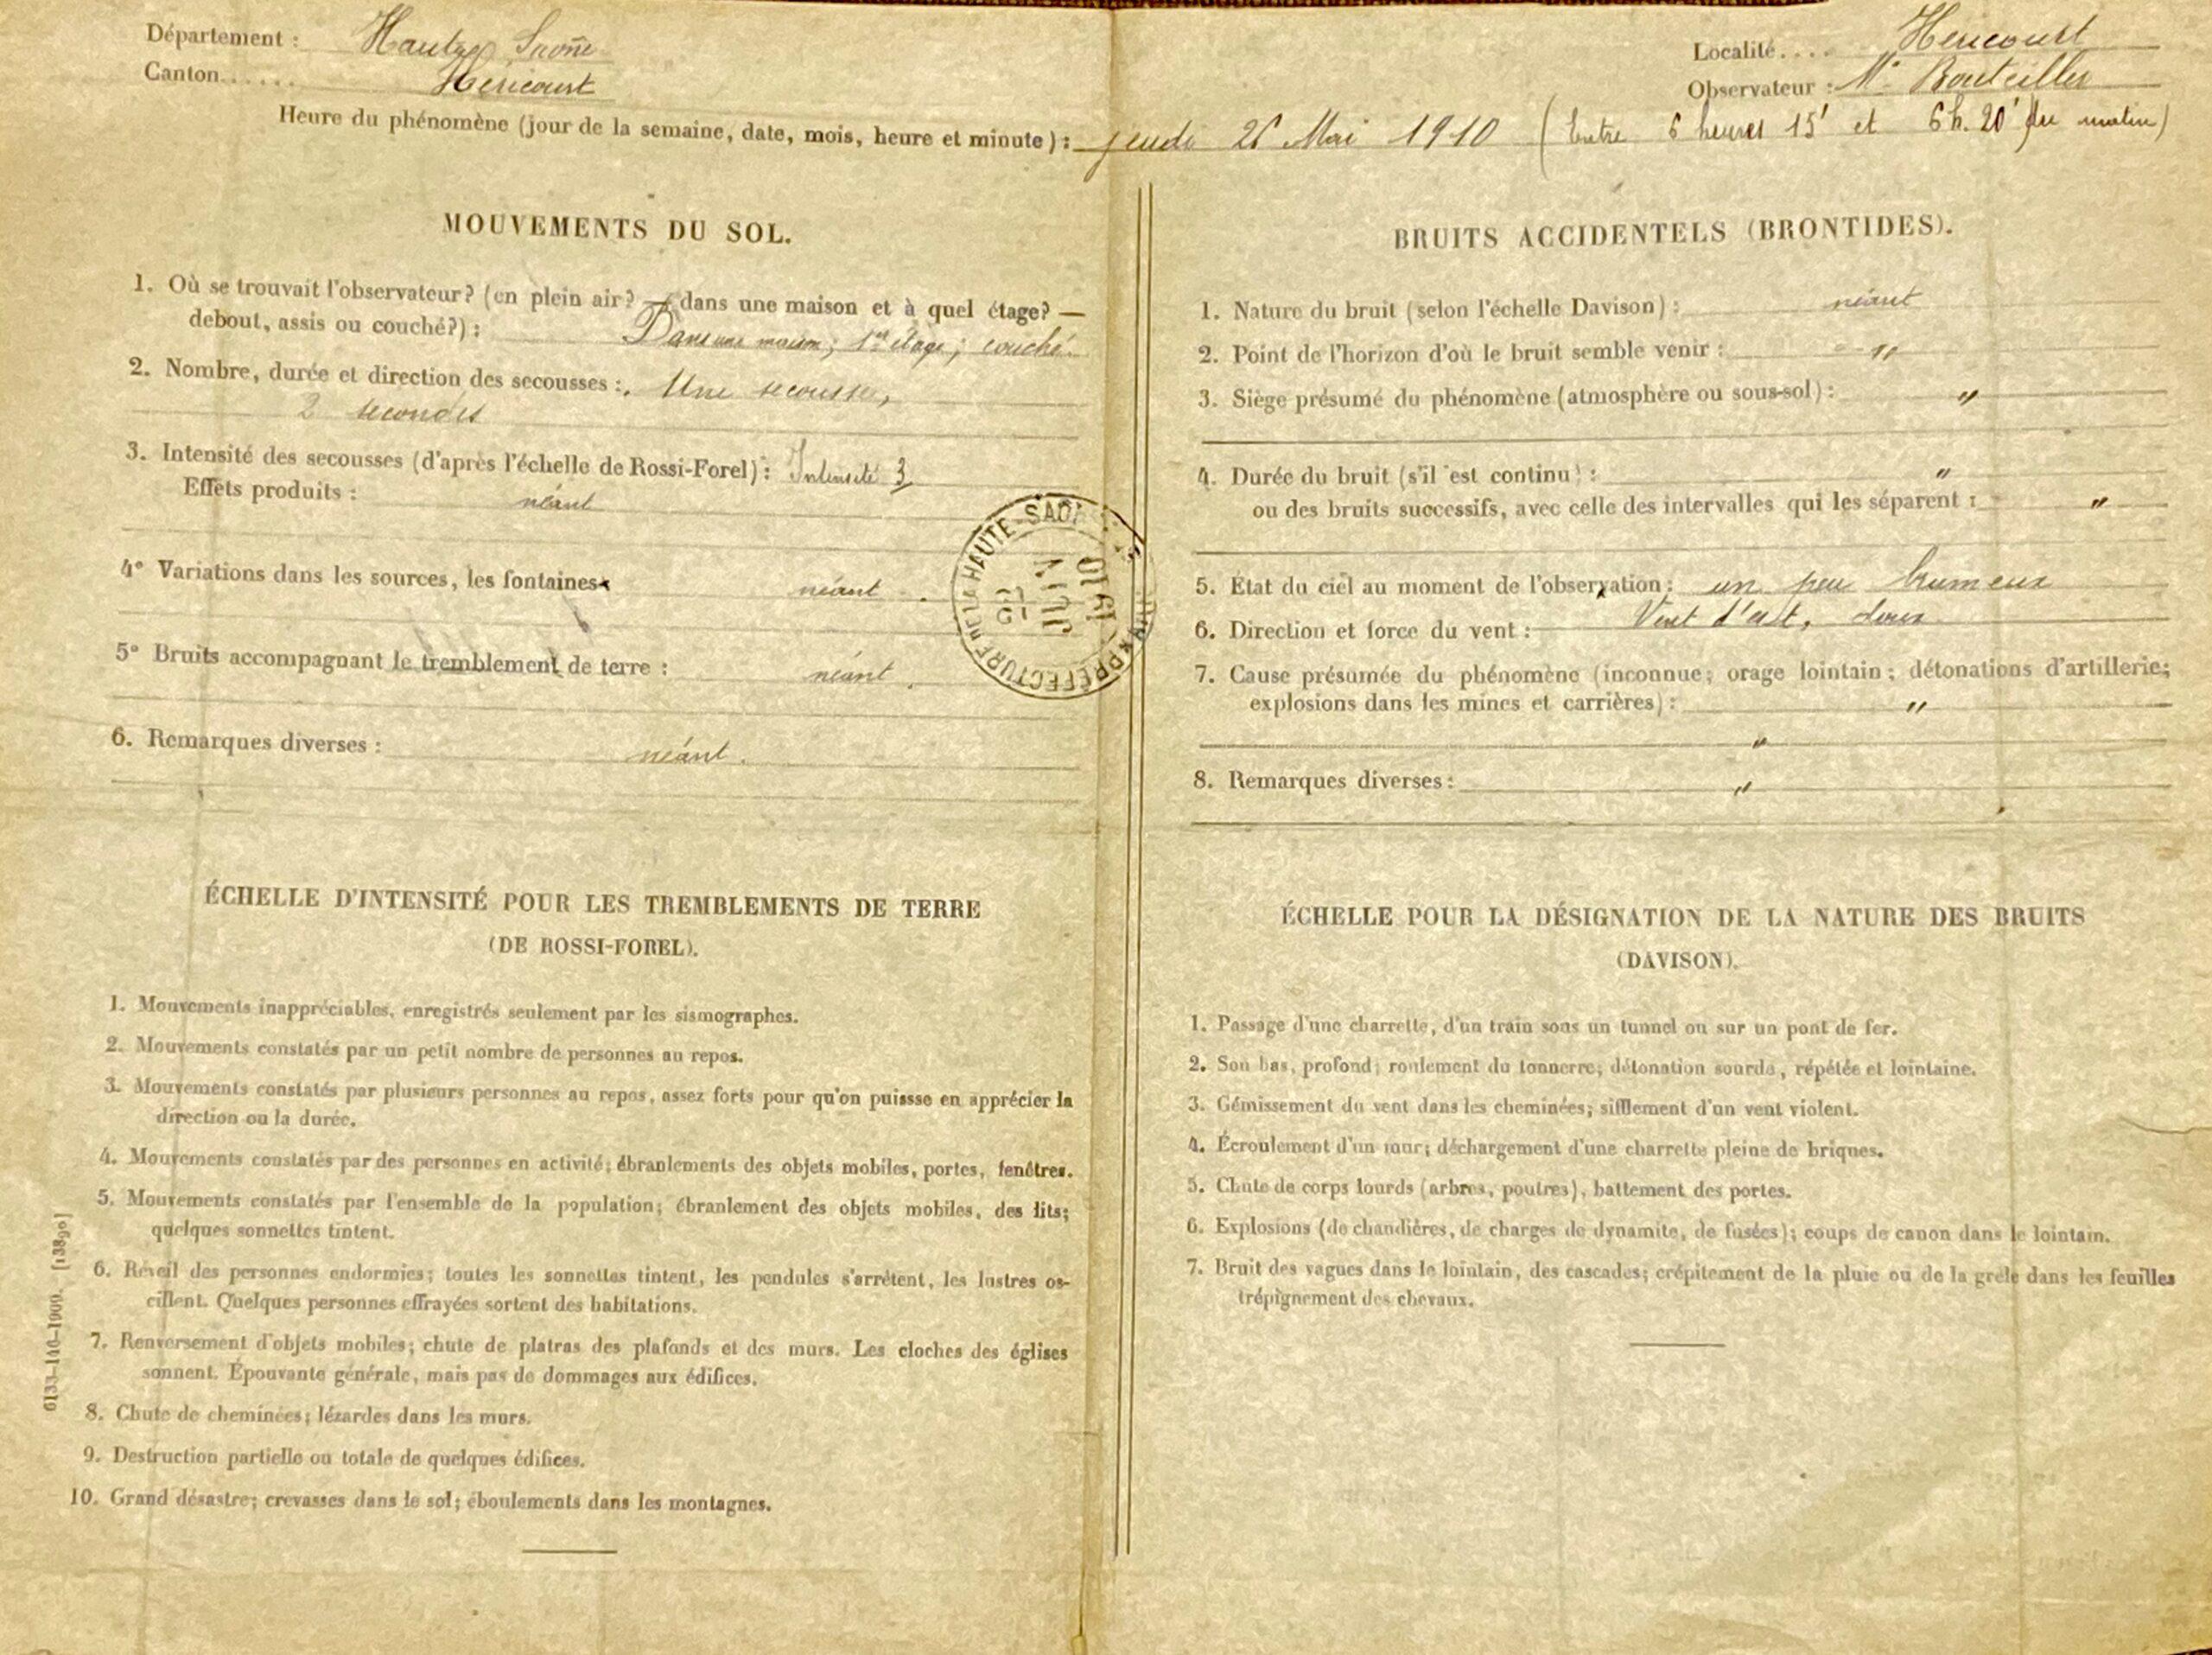 Un formulaire de témoignage de 1910 trouvé dans les archives du BCSF